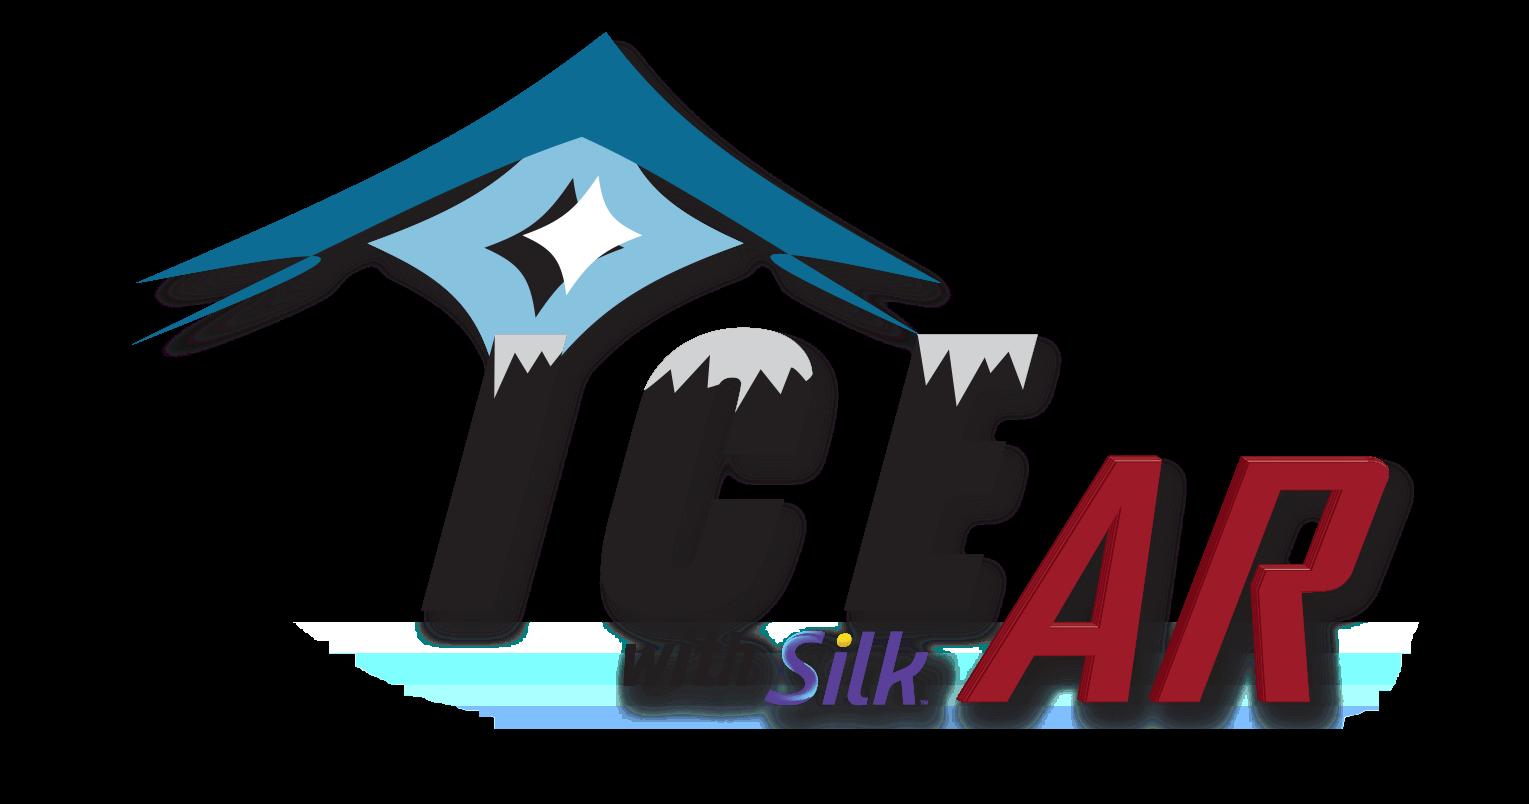 IcareLabs IceAR with Silk